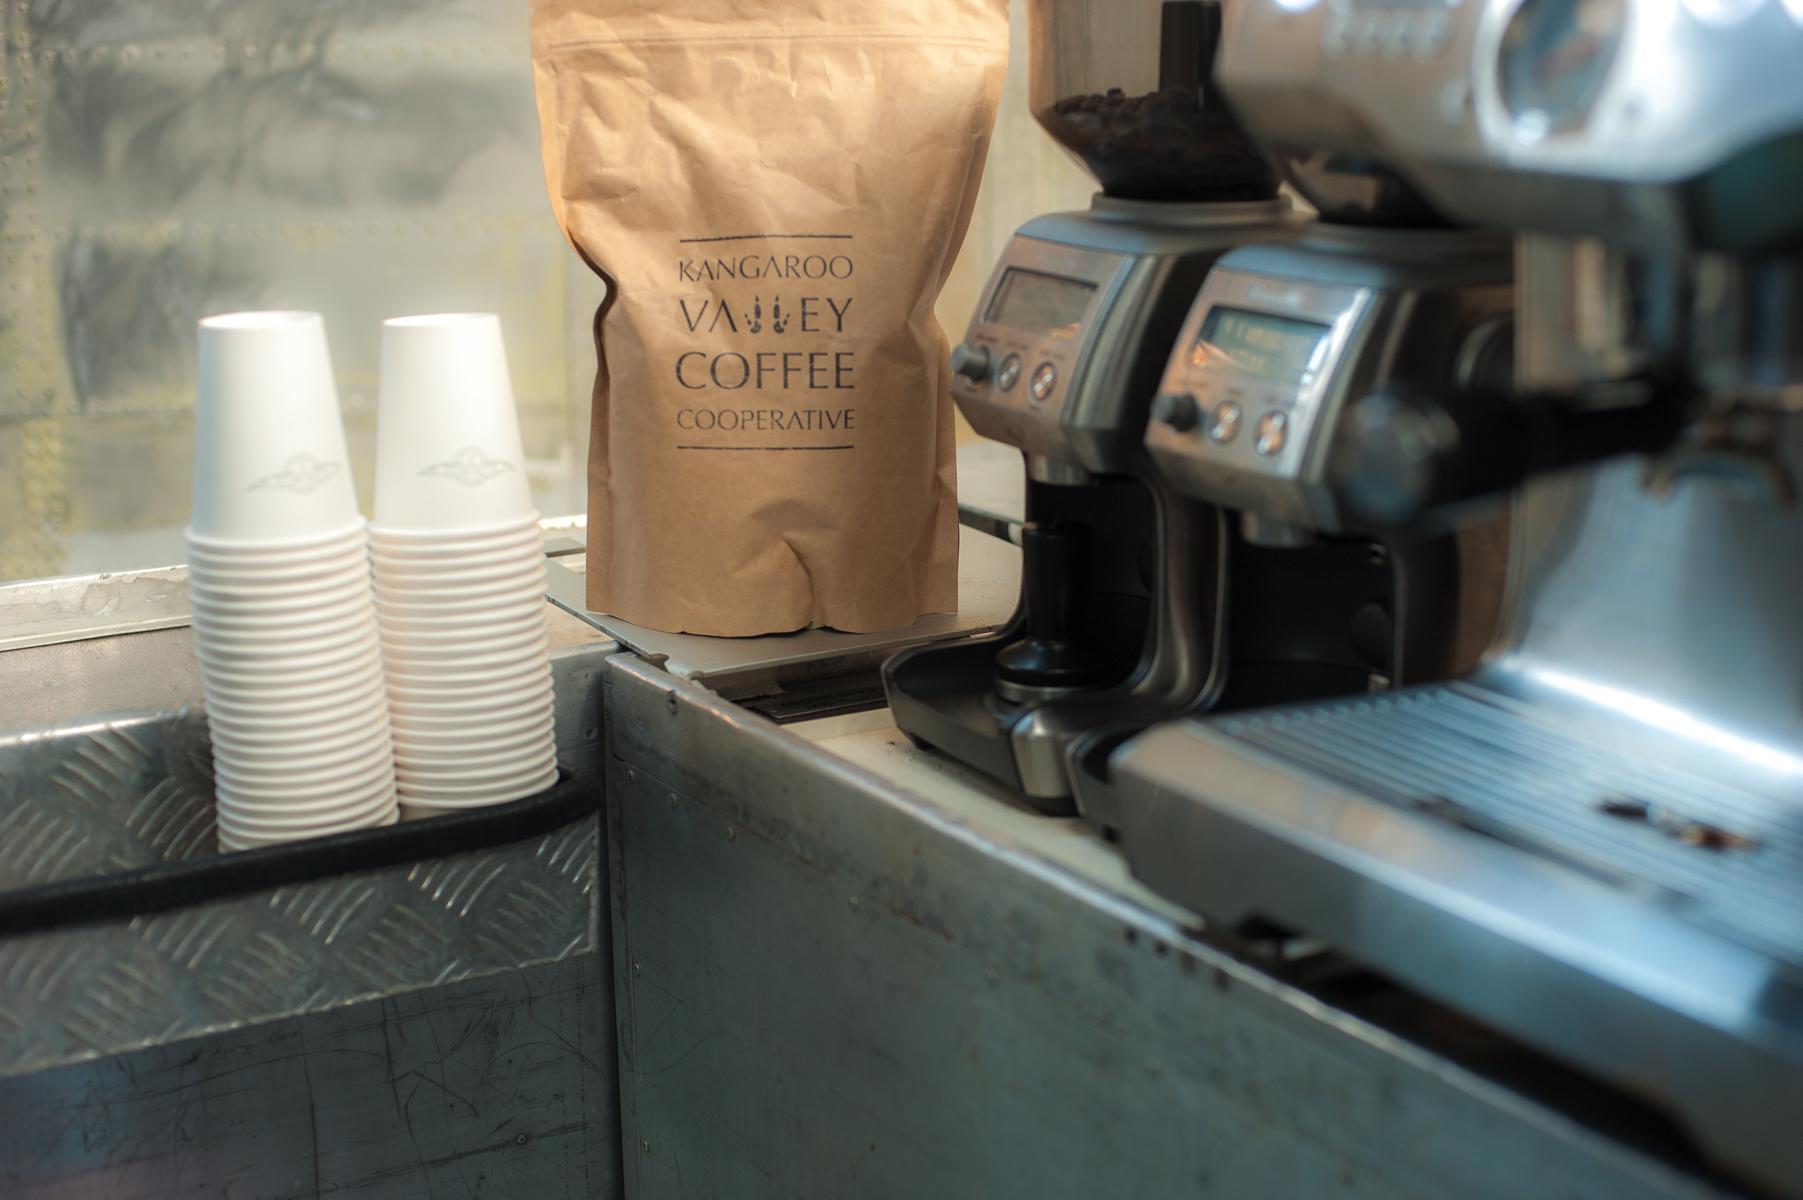 breville espresso machine.jpg